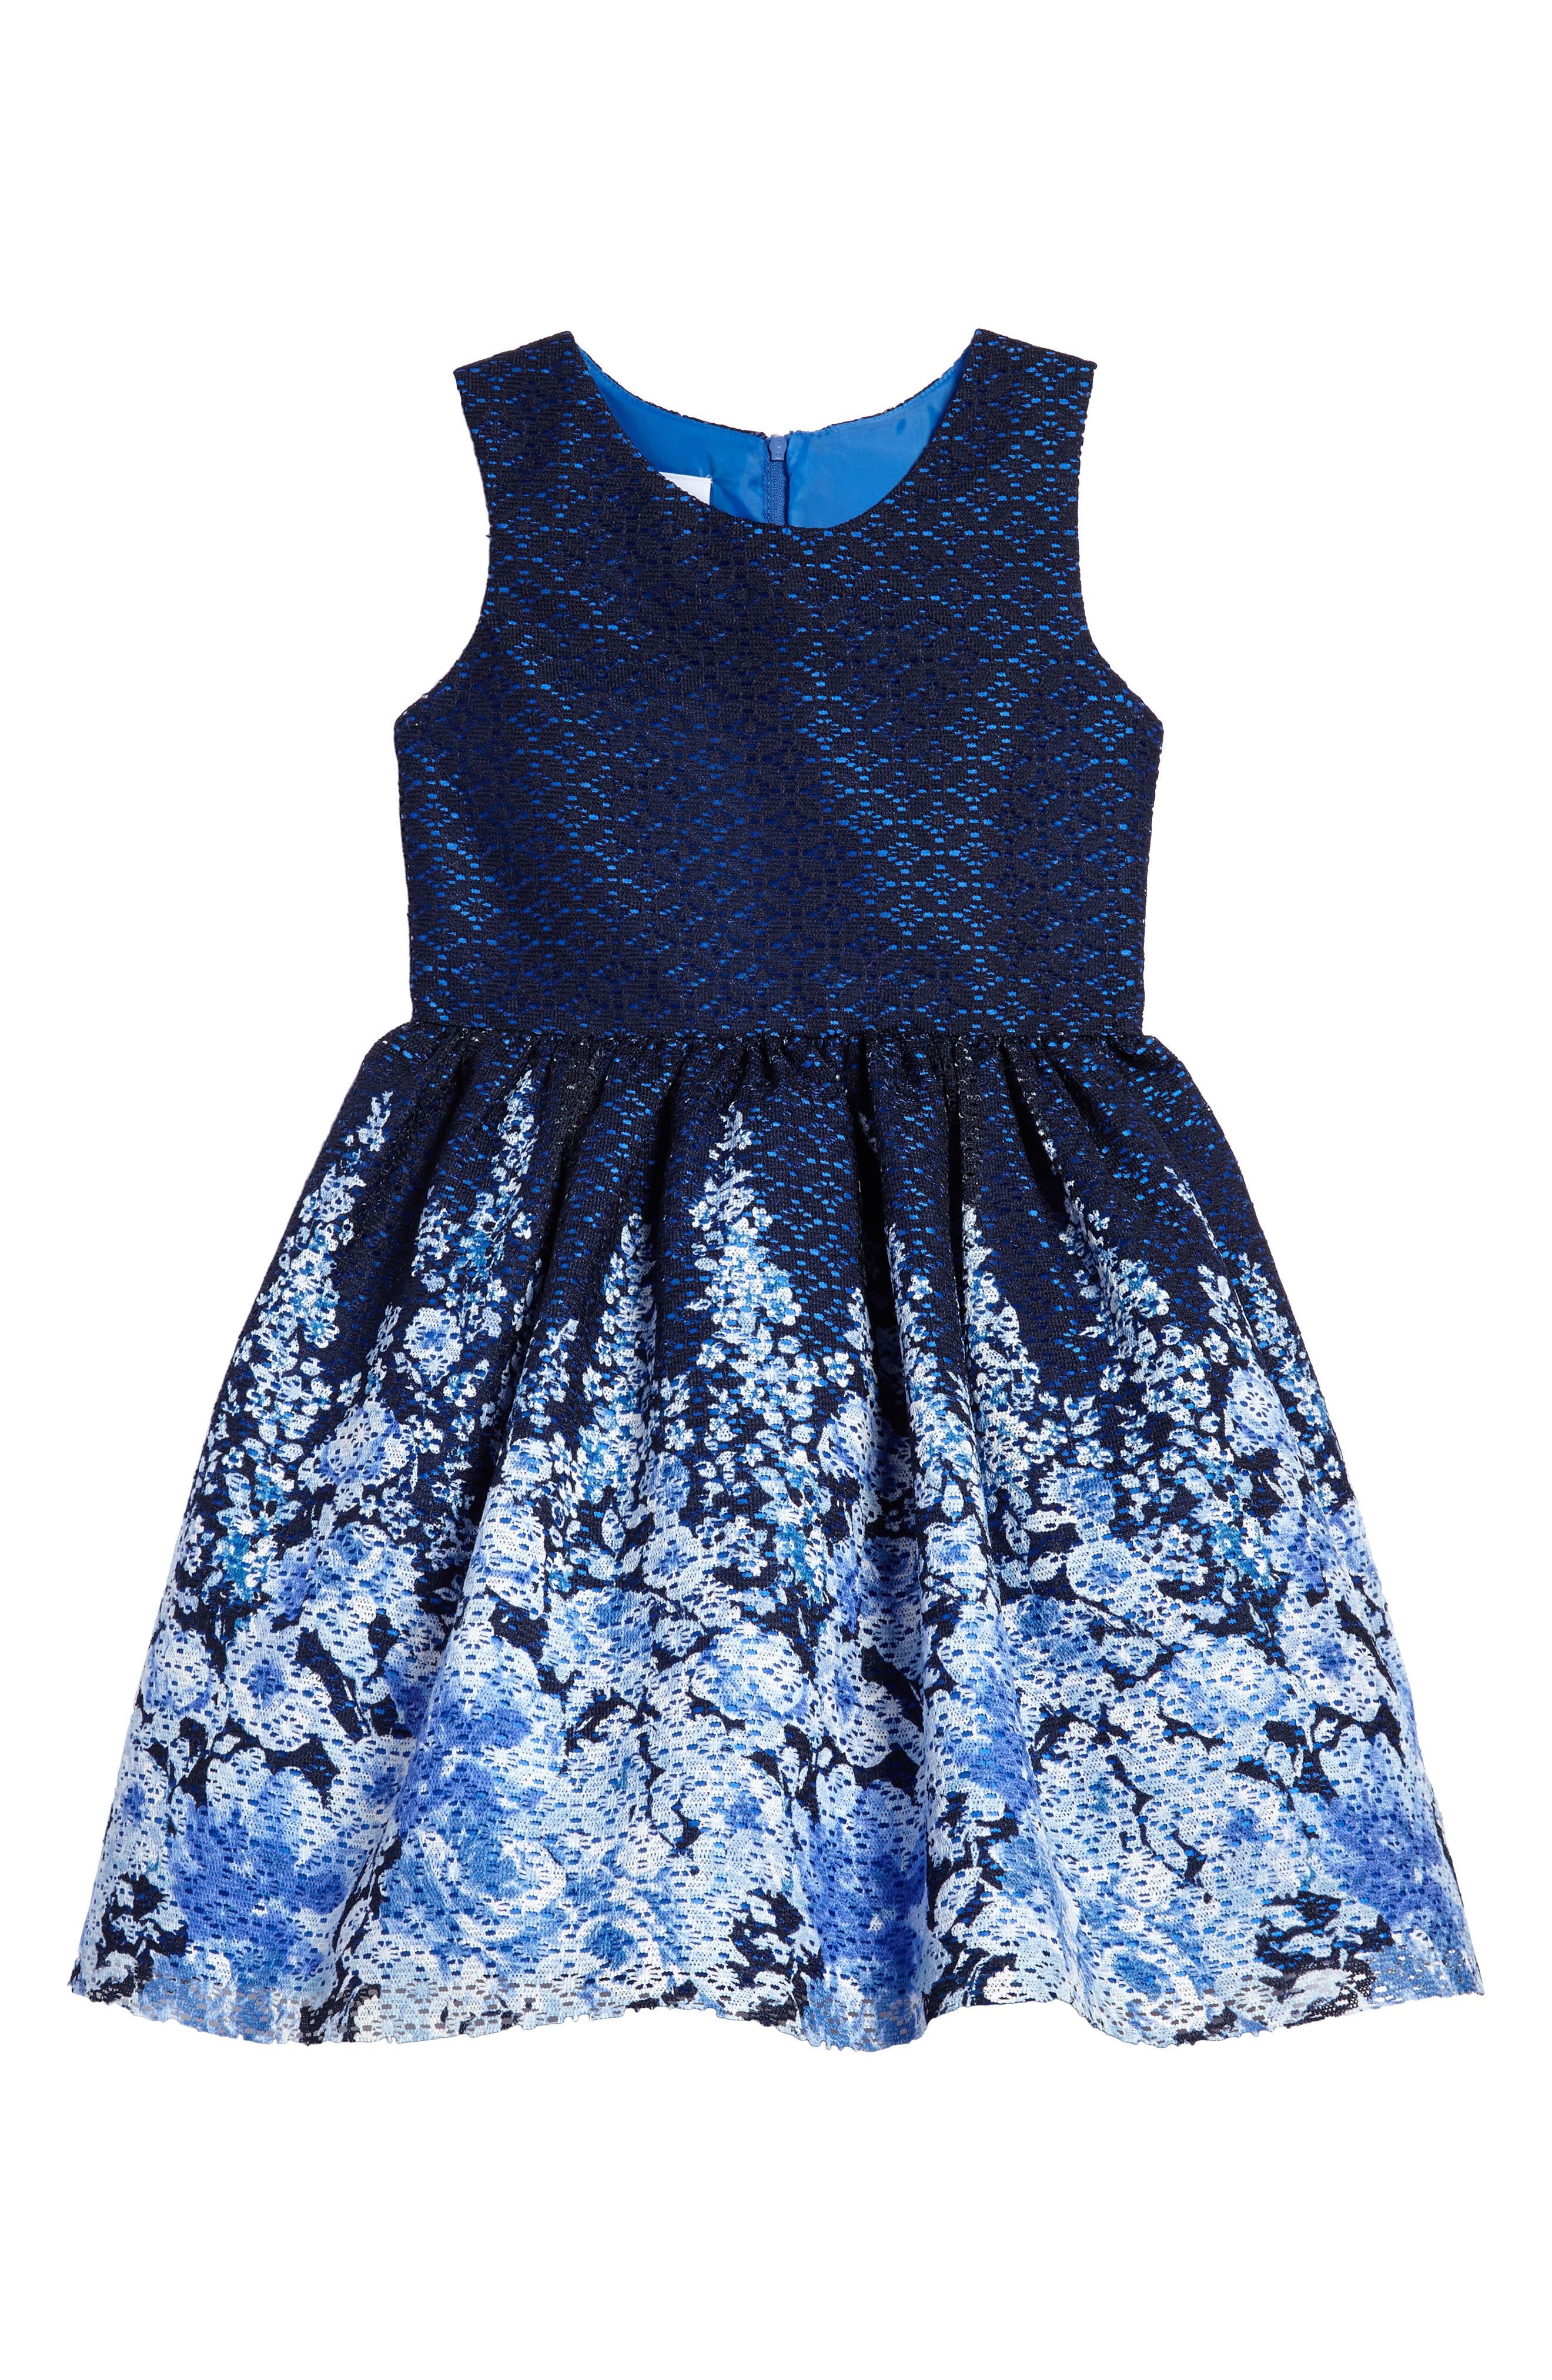 Floral Lace Dress,                         Main,                         color, Navy